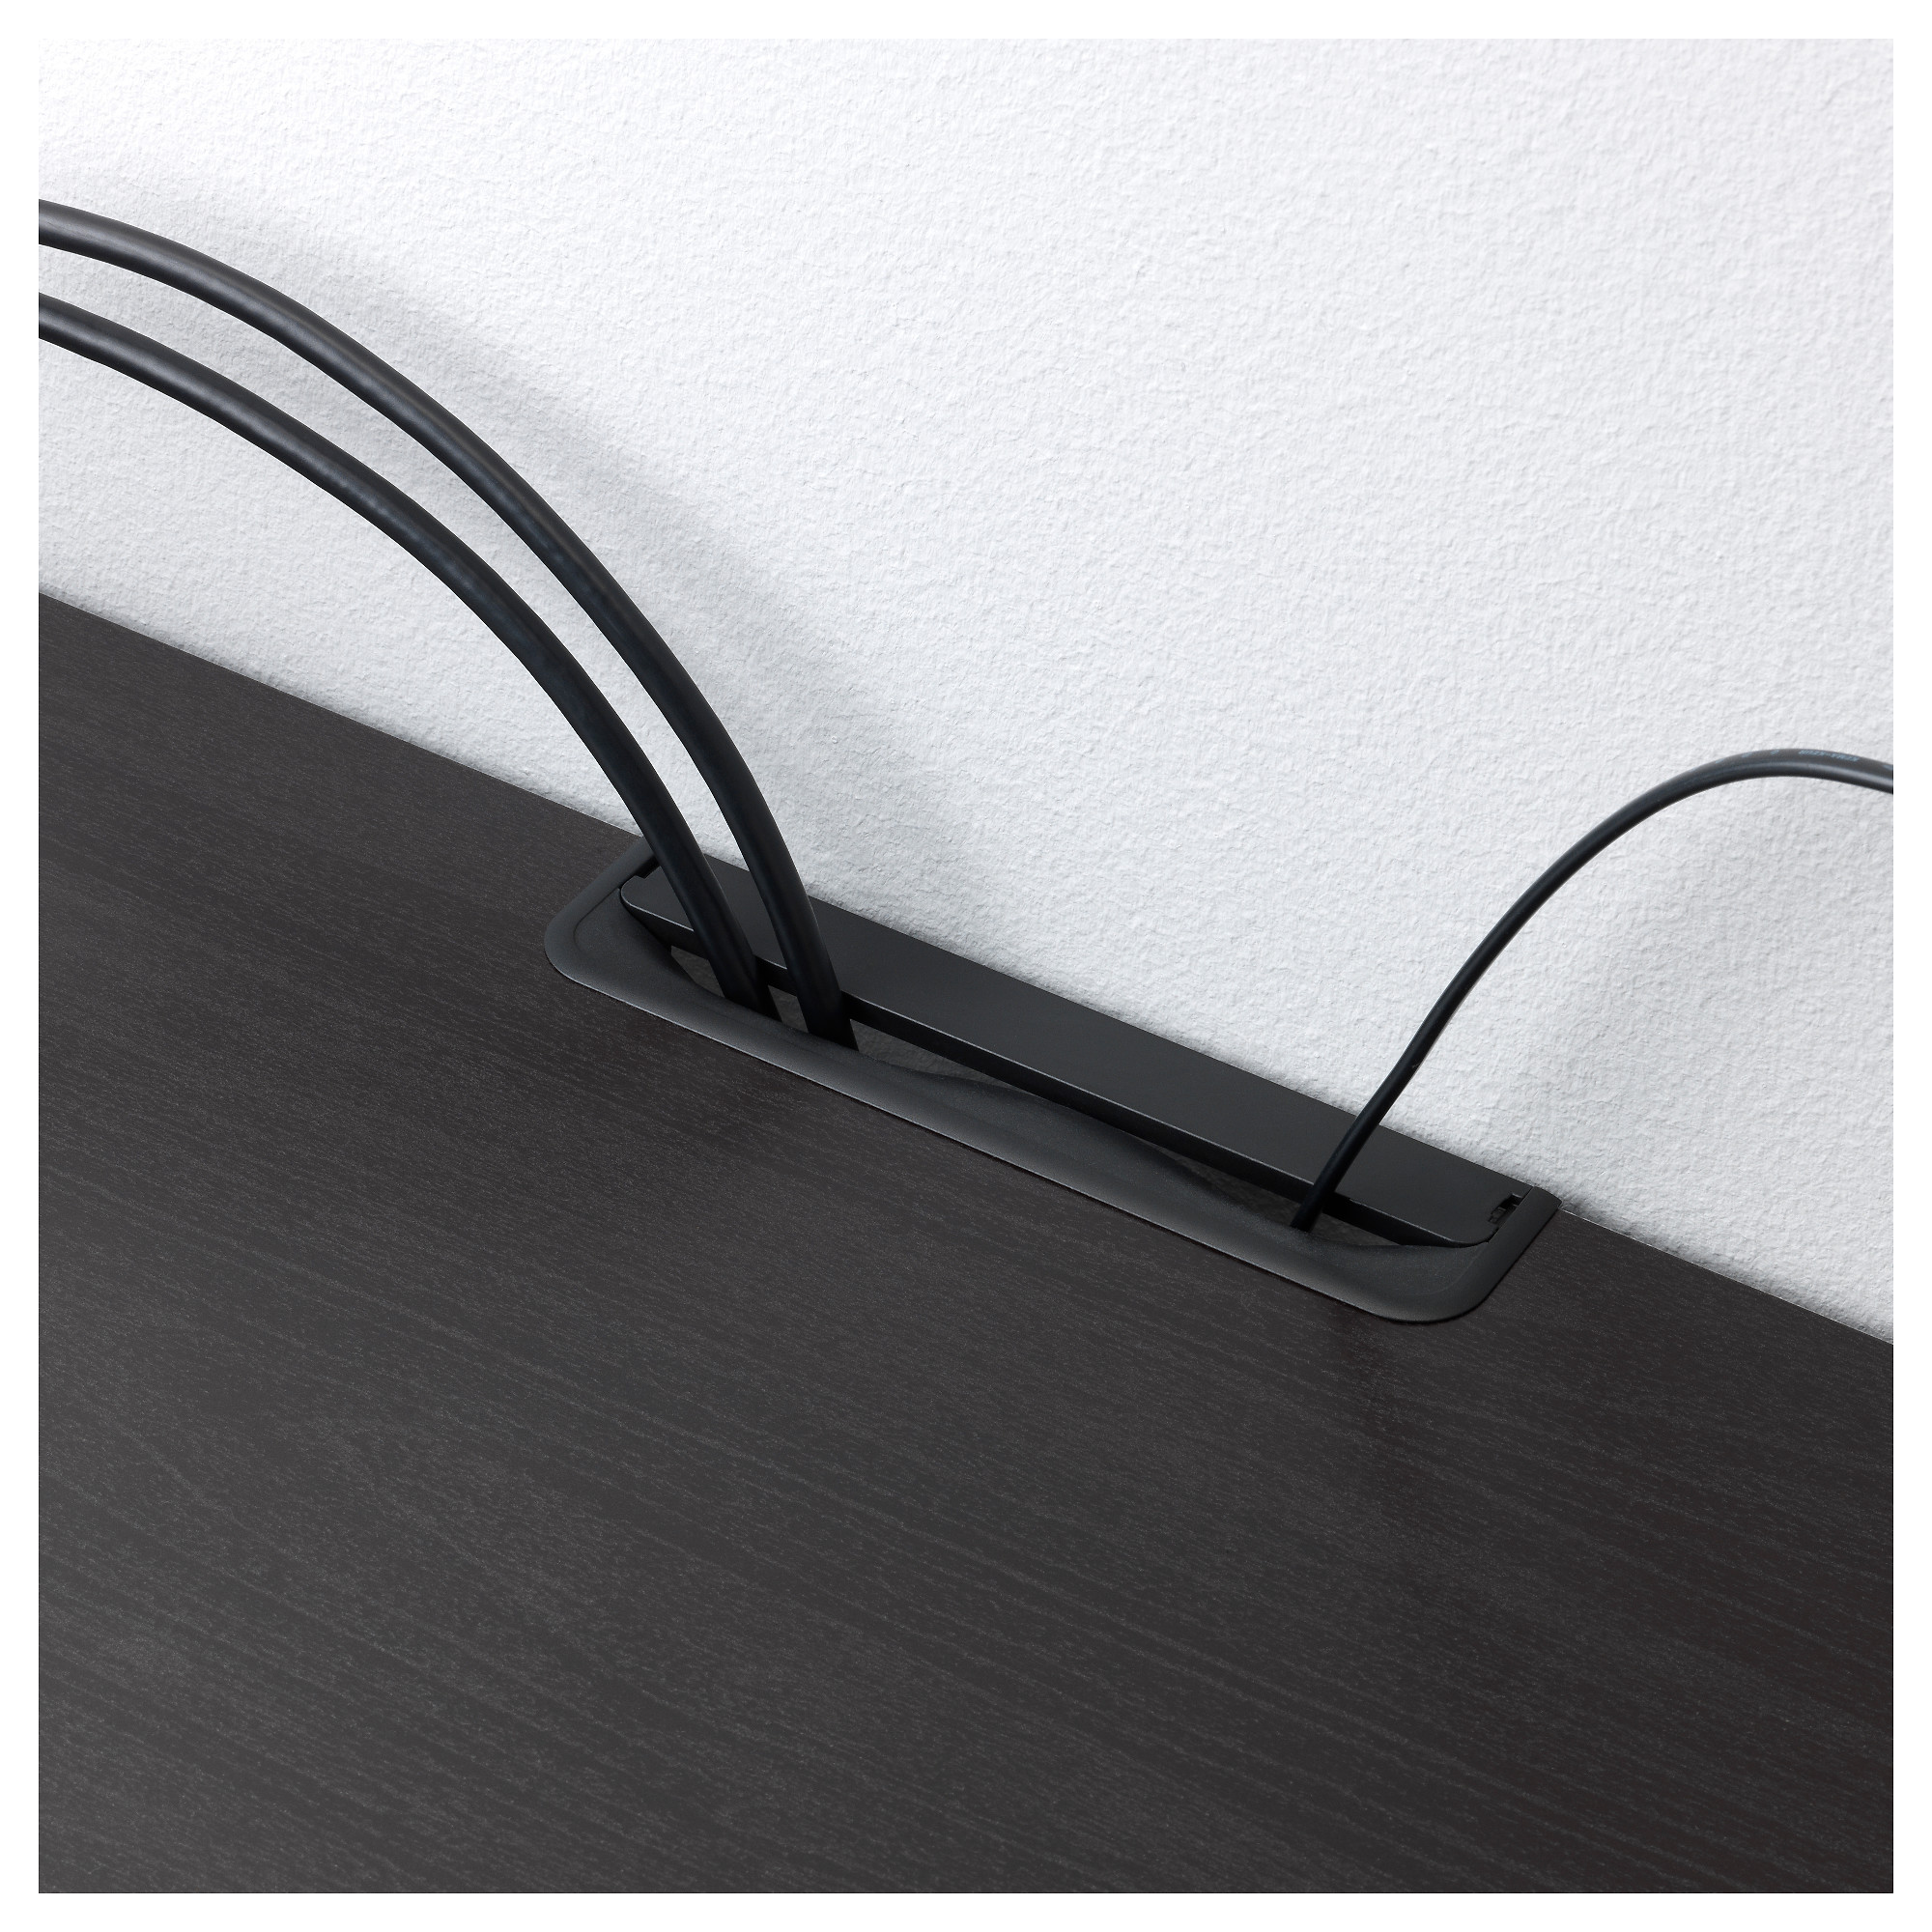 Шкаф для ТВ, комбинированный, стекляные дверцы БЕСТО артикуль № 392.504.94 в наличии. Онлайн каталог ИКЕА РБ. Недорогая доставка и установка.